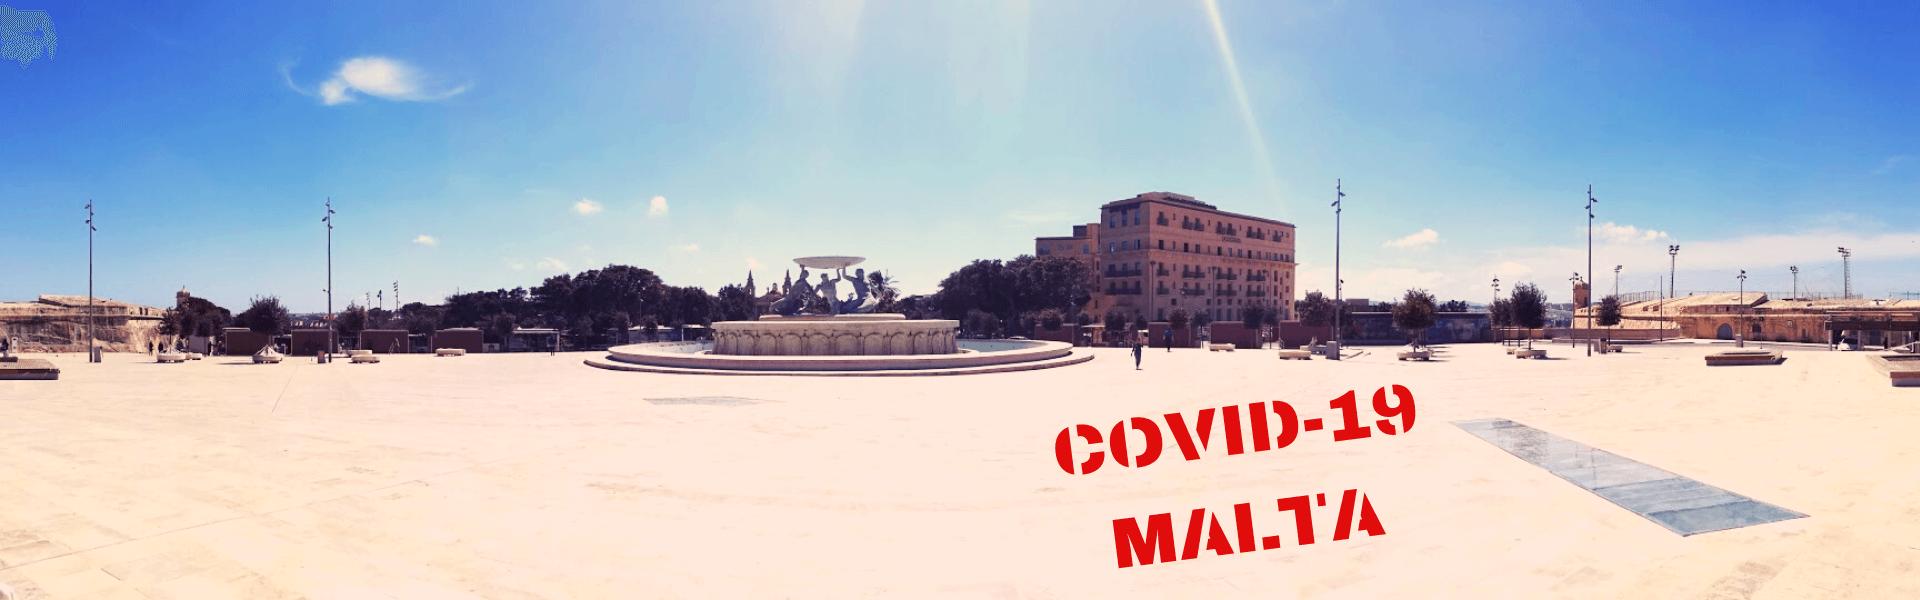 Koronavirus (COVID-19) na Maltě - vše, co potřebuješ vědět